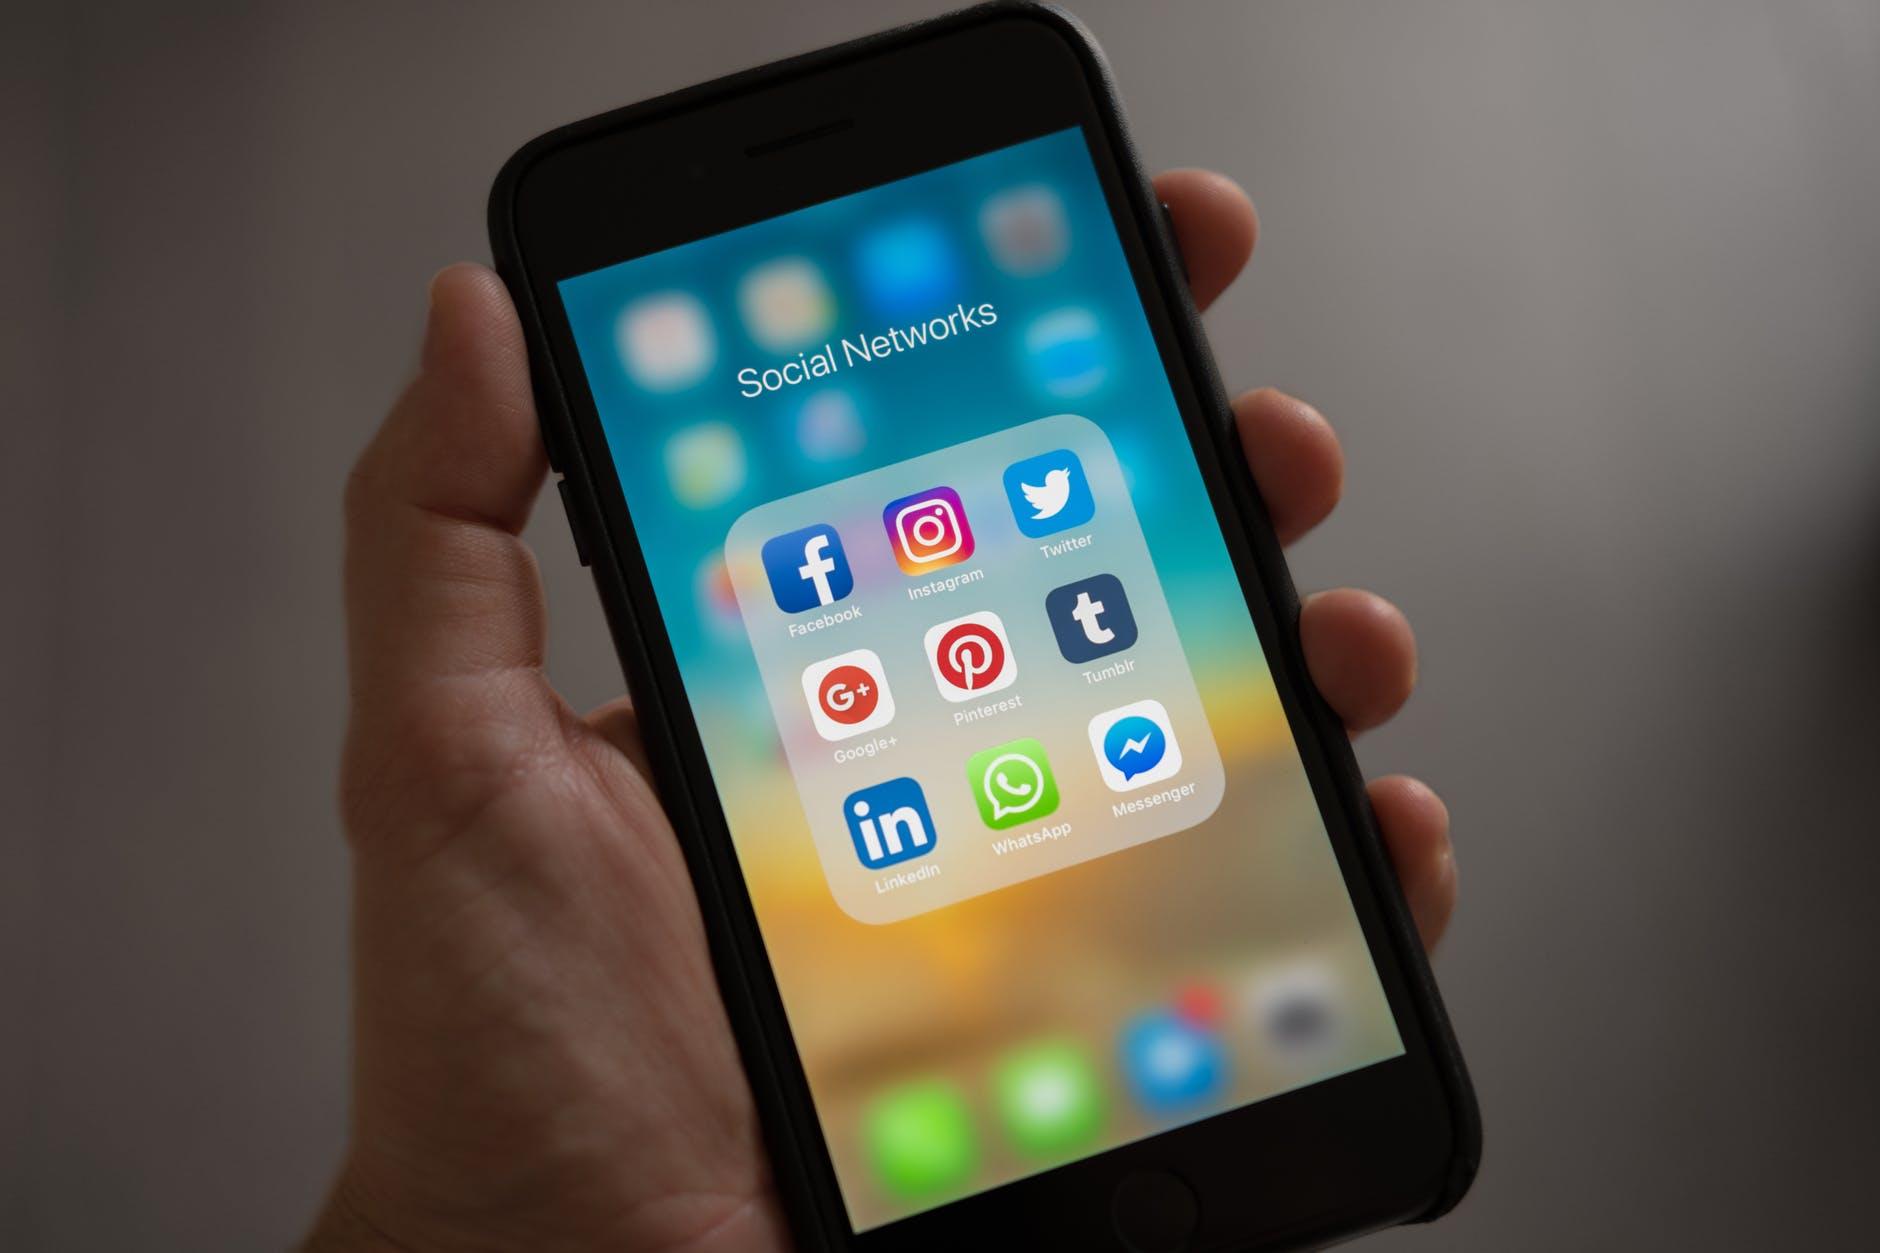 美國聯邦法院法官接受政府所謂「可能危害國家安全」的論點,使得推特公司(Twitter Inc)不能曝光美國政府提出監控用戶請求的相關訊息。。(Pexels)